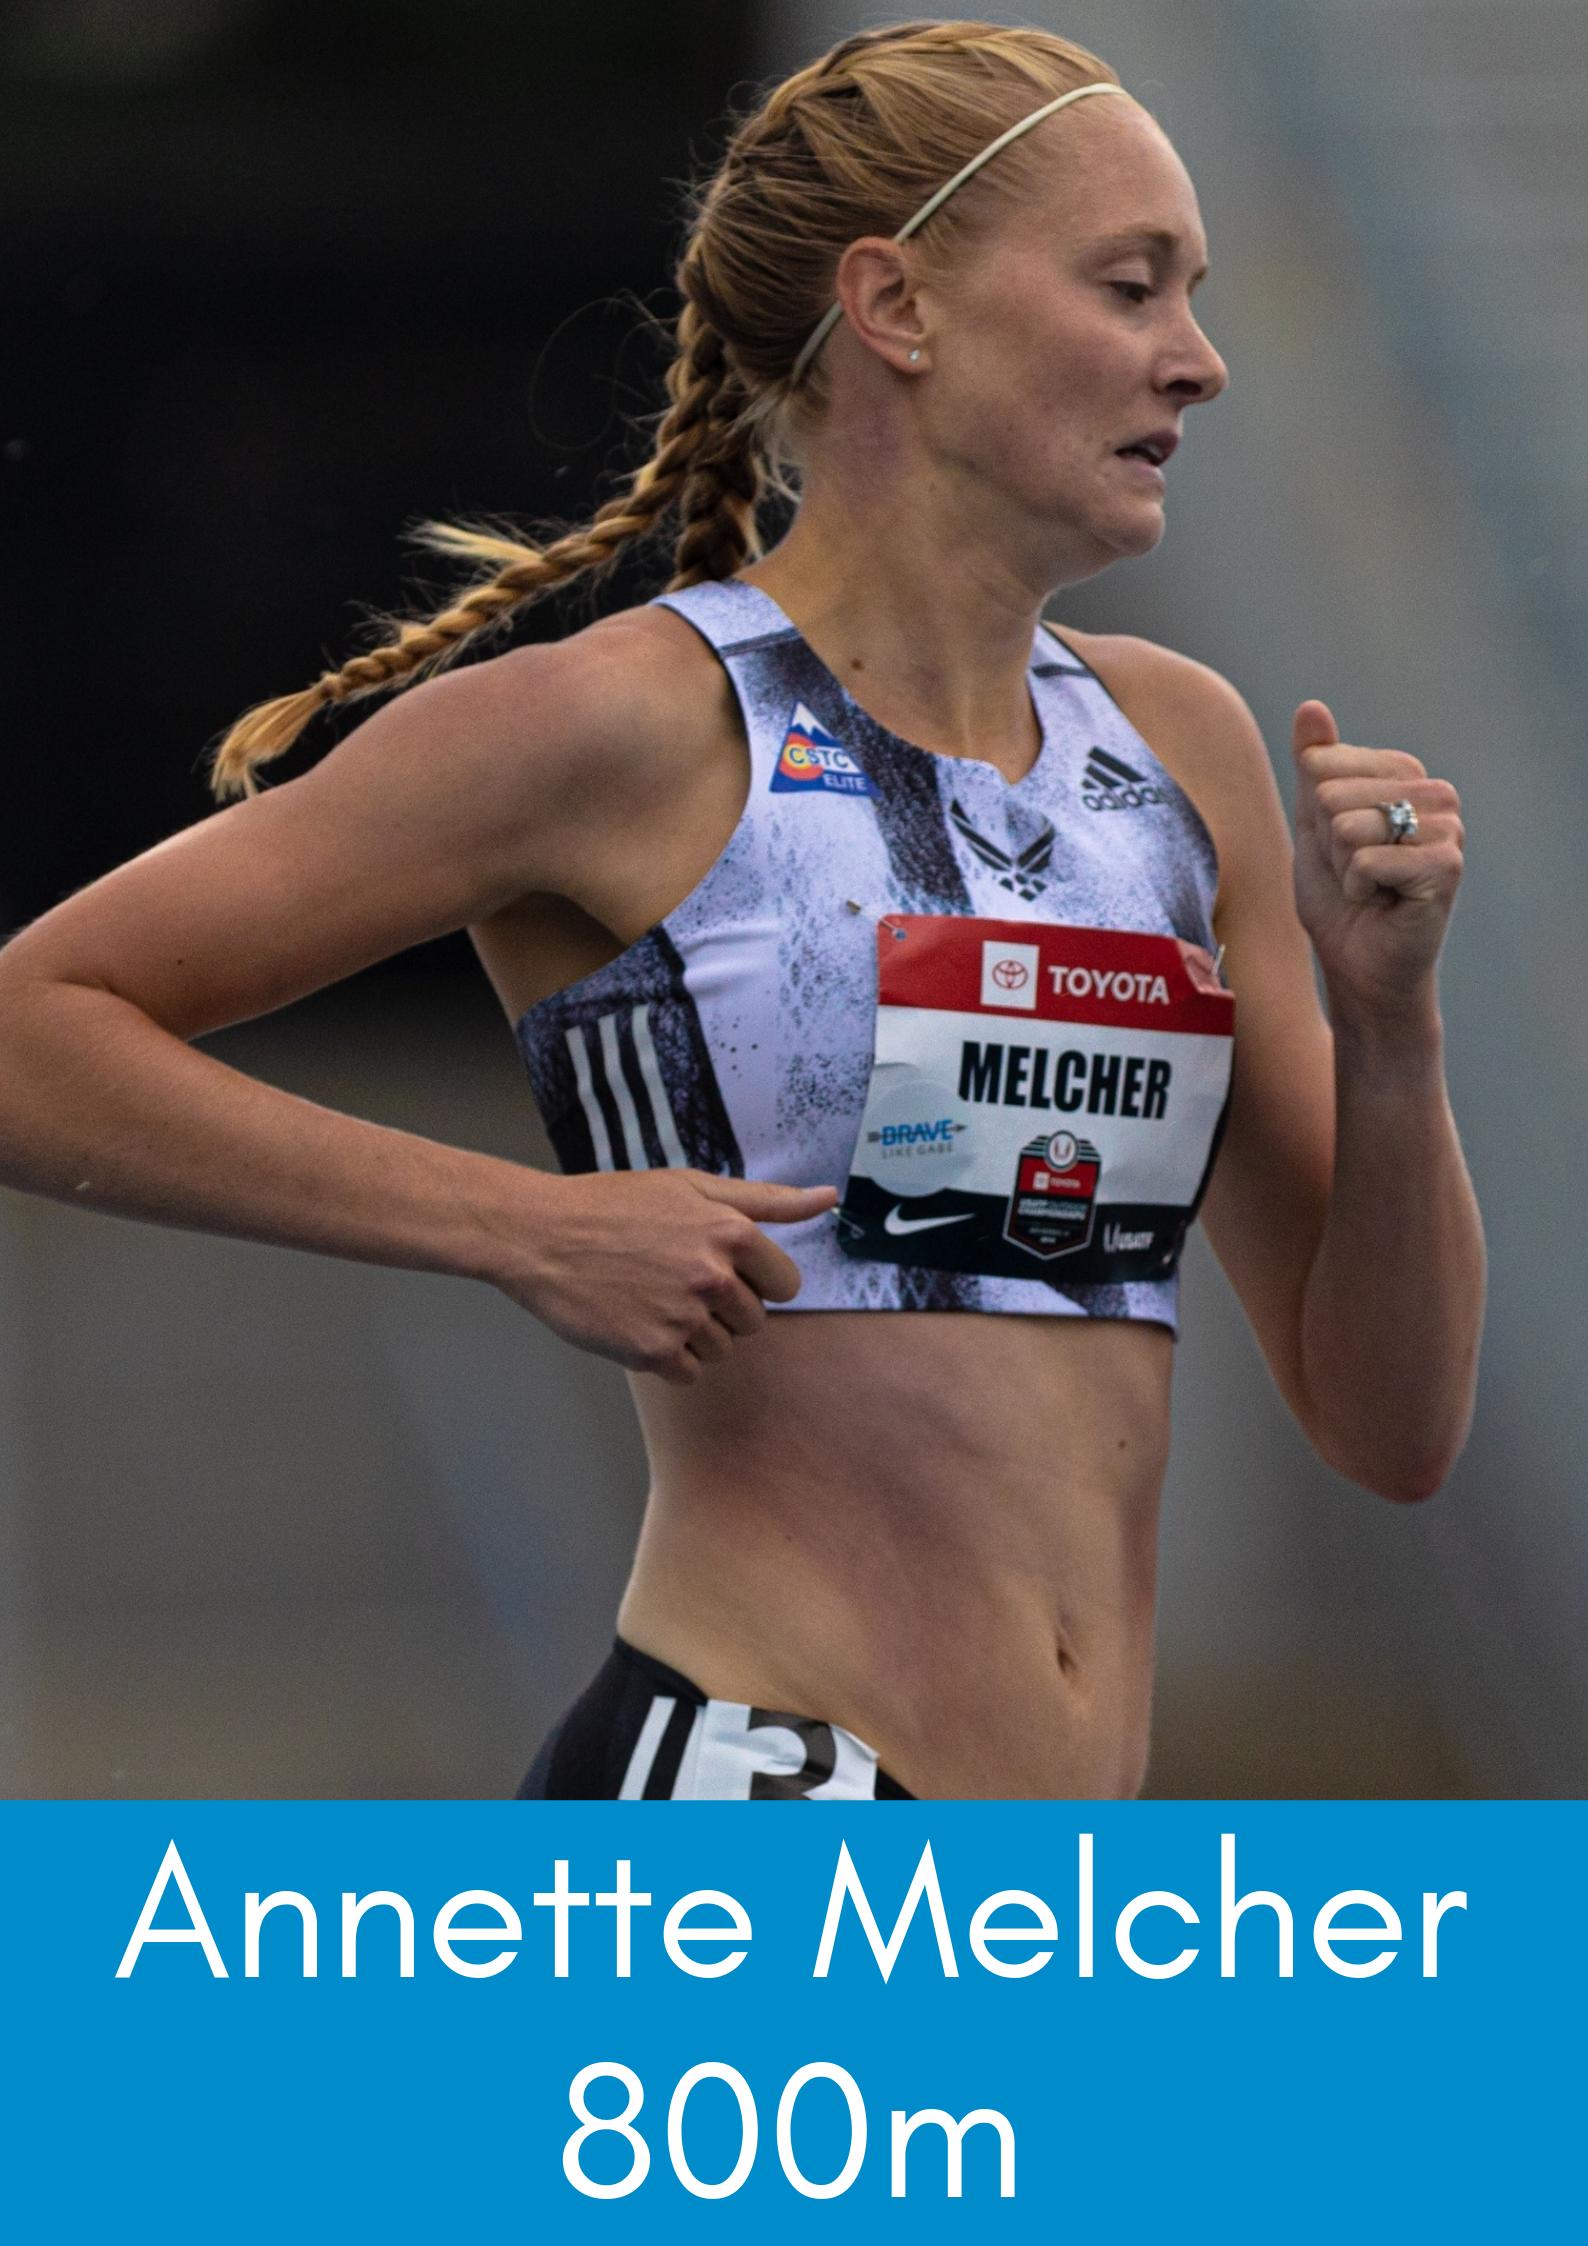 Annette Melcher